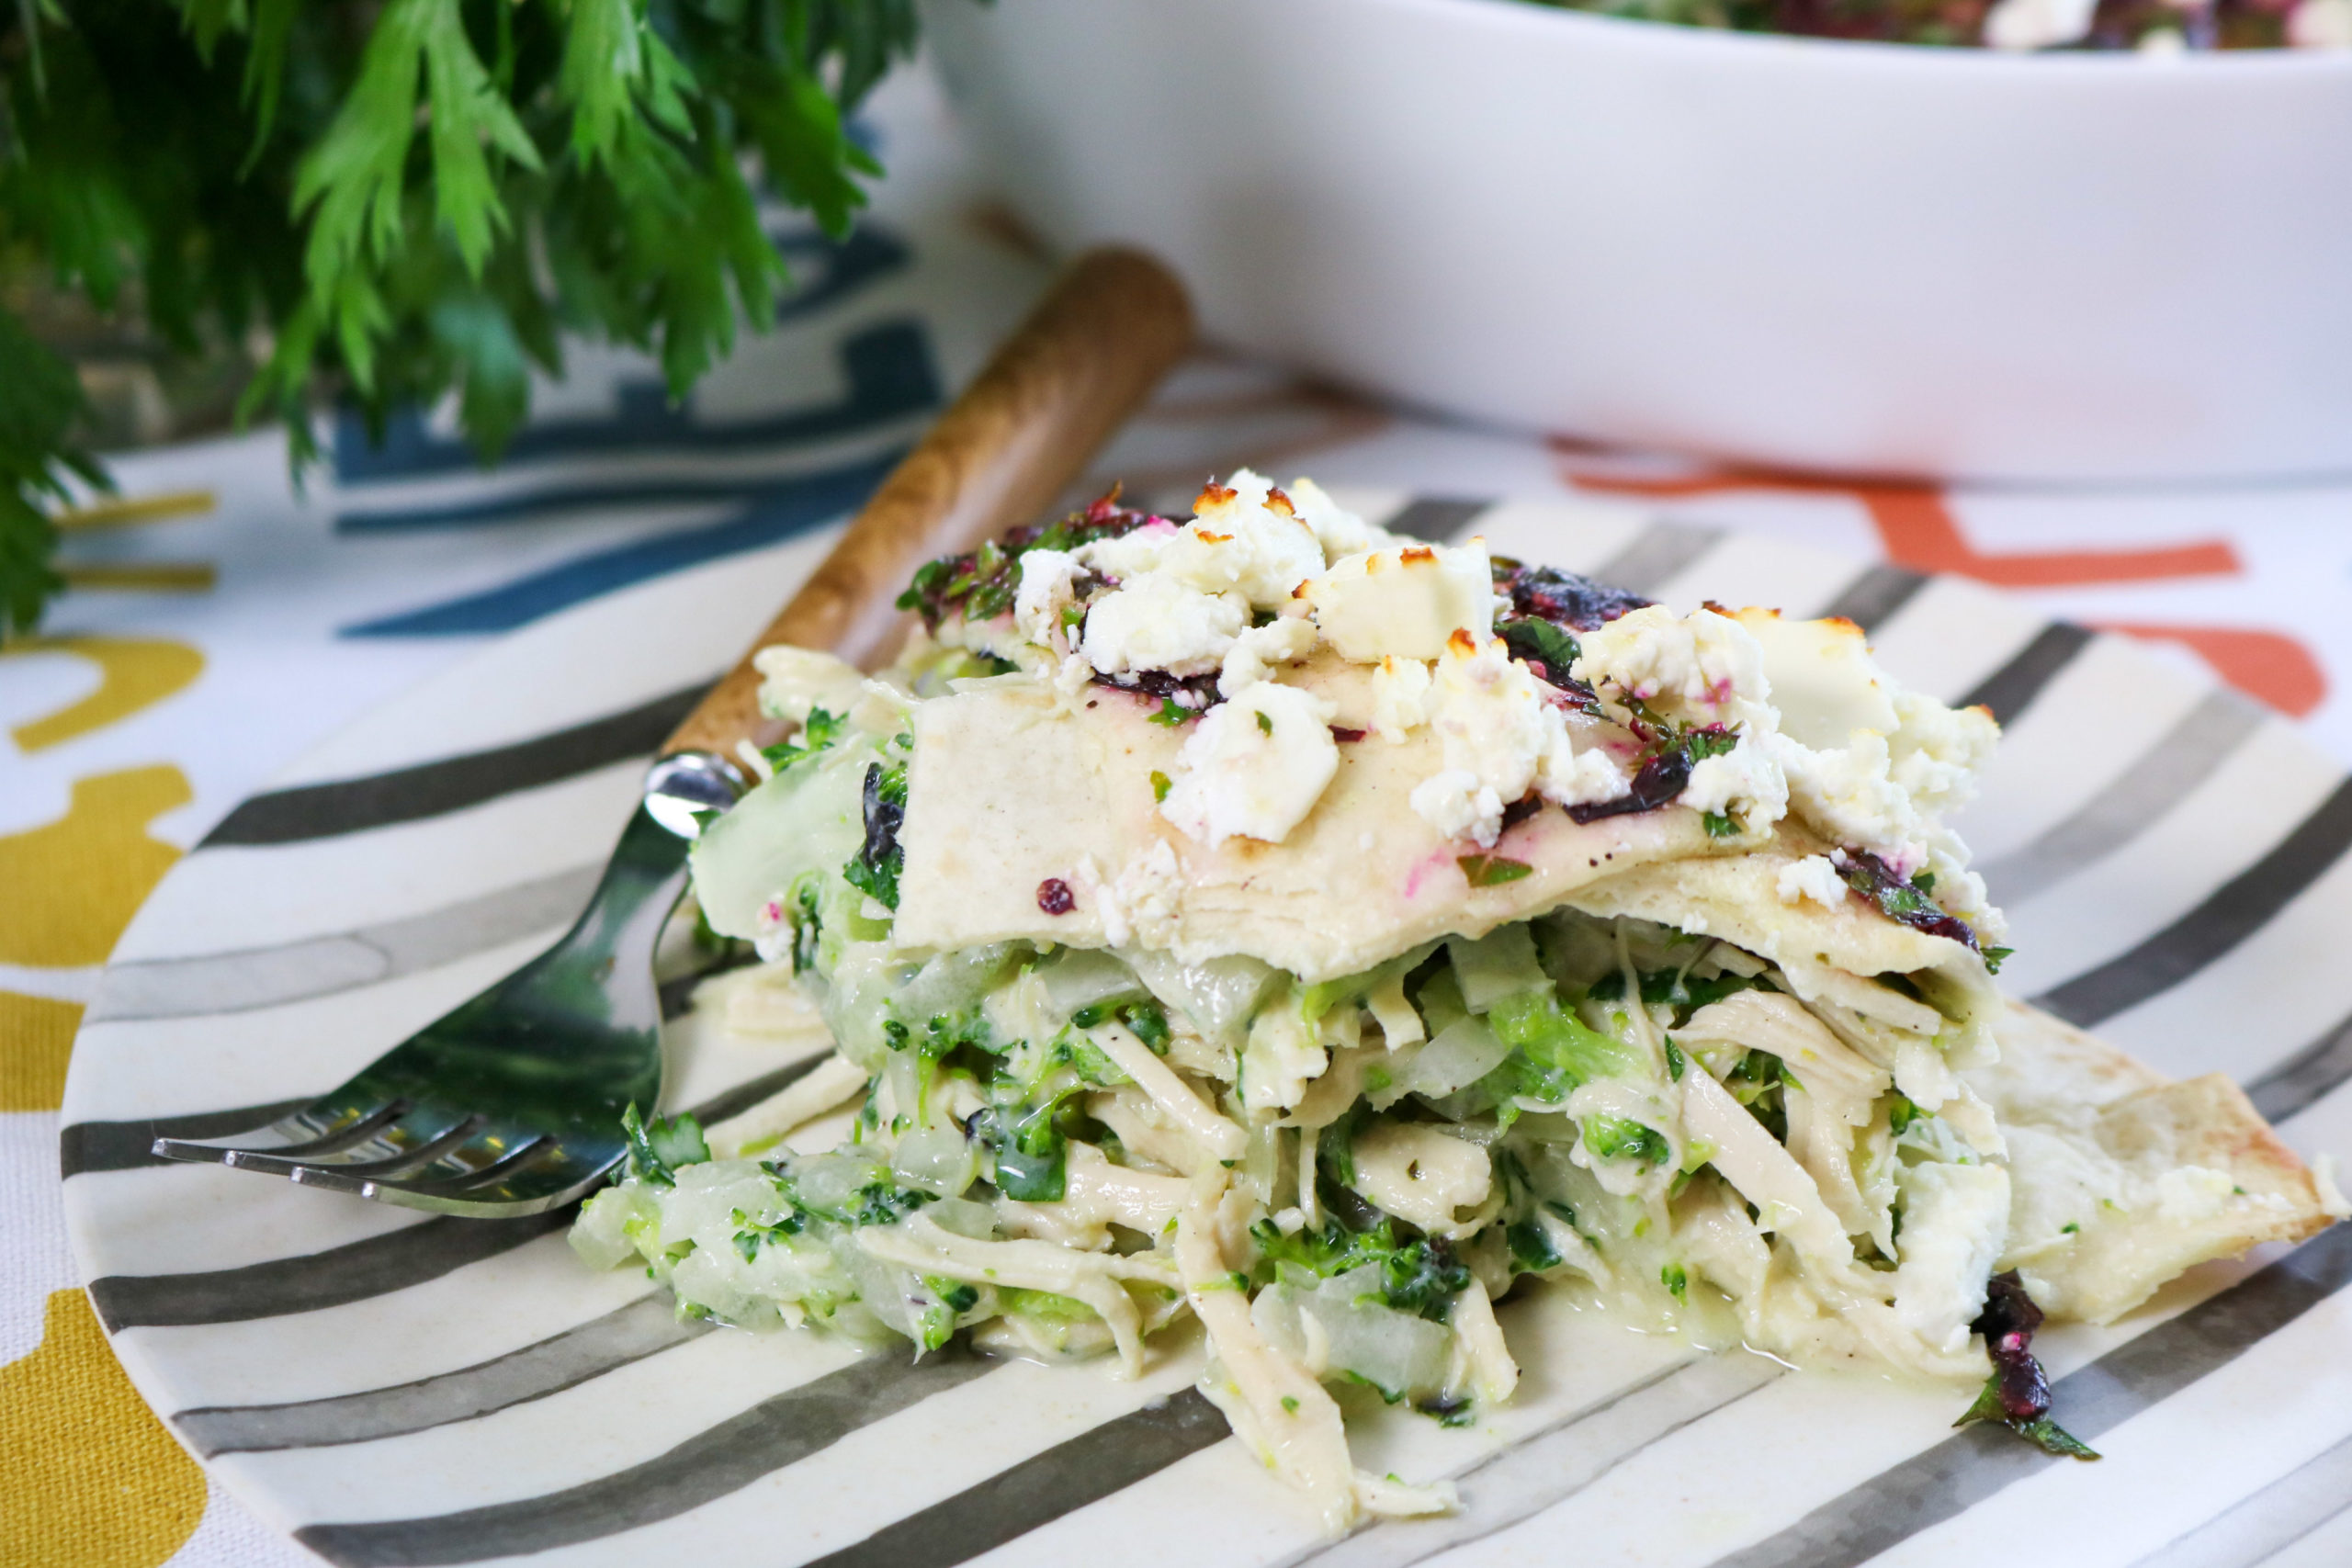 Turkey Enchilada Casserole With Salsa Verde